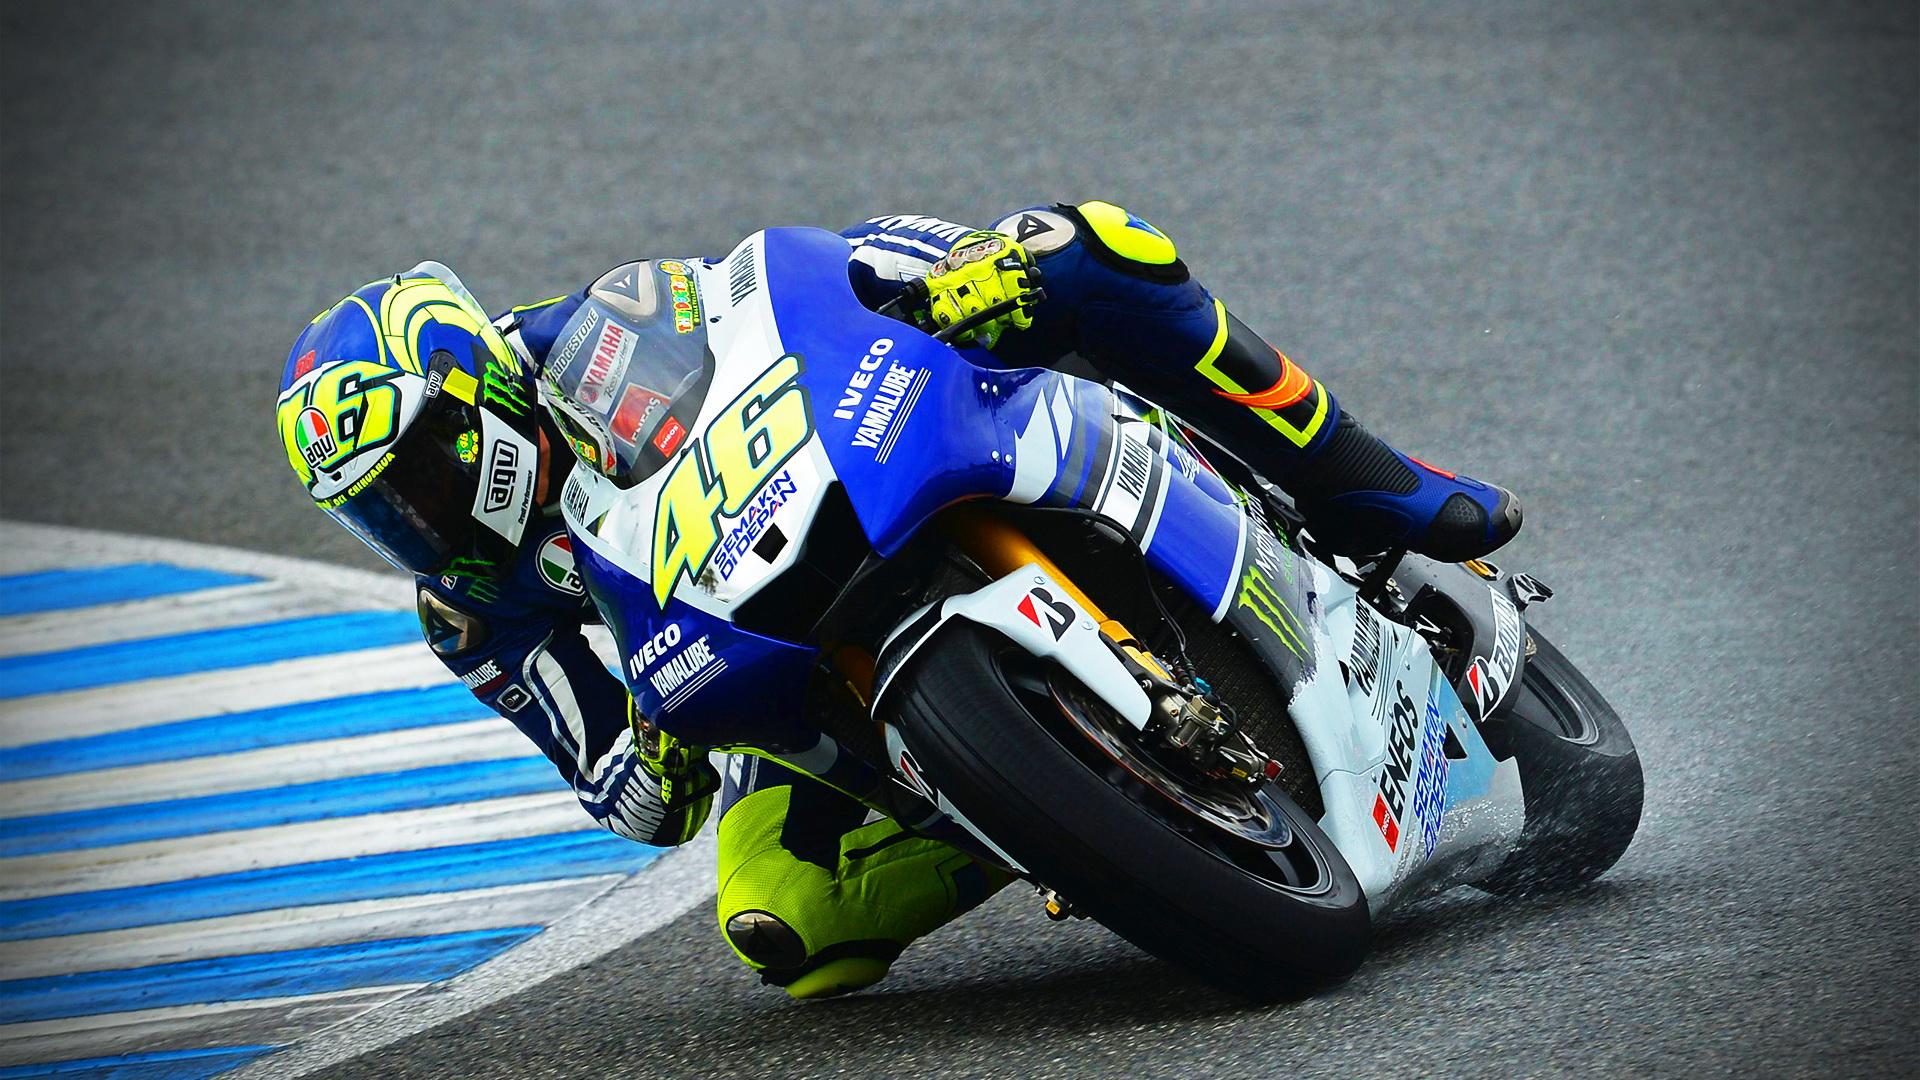 Valentino Rossi Hd Wallpaper